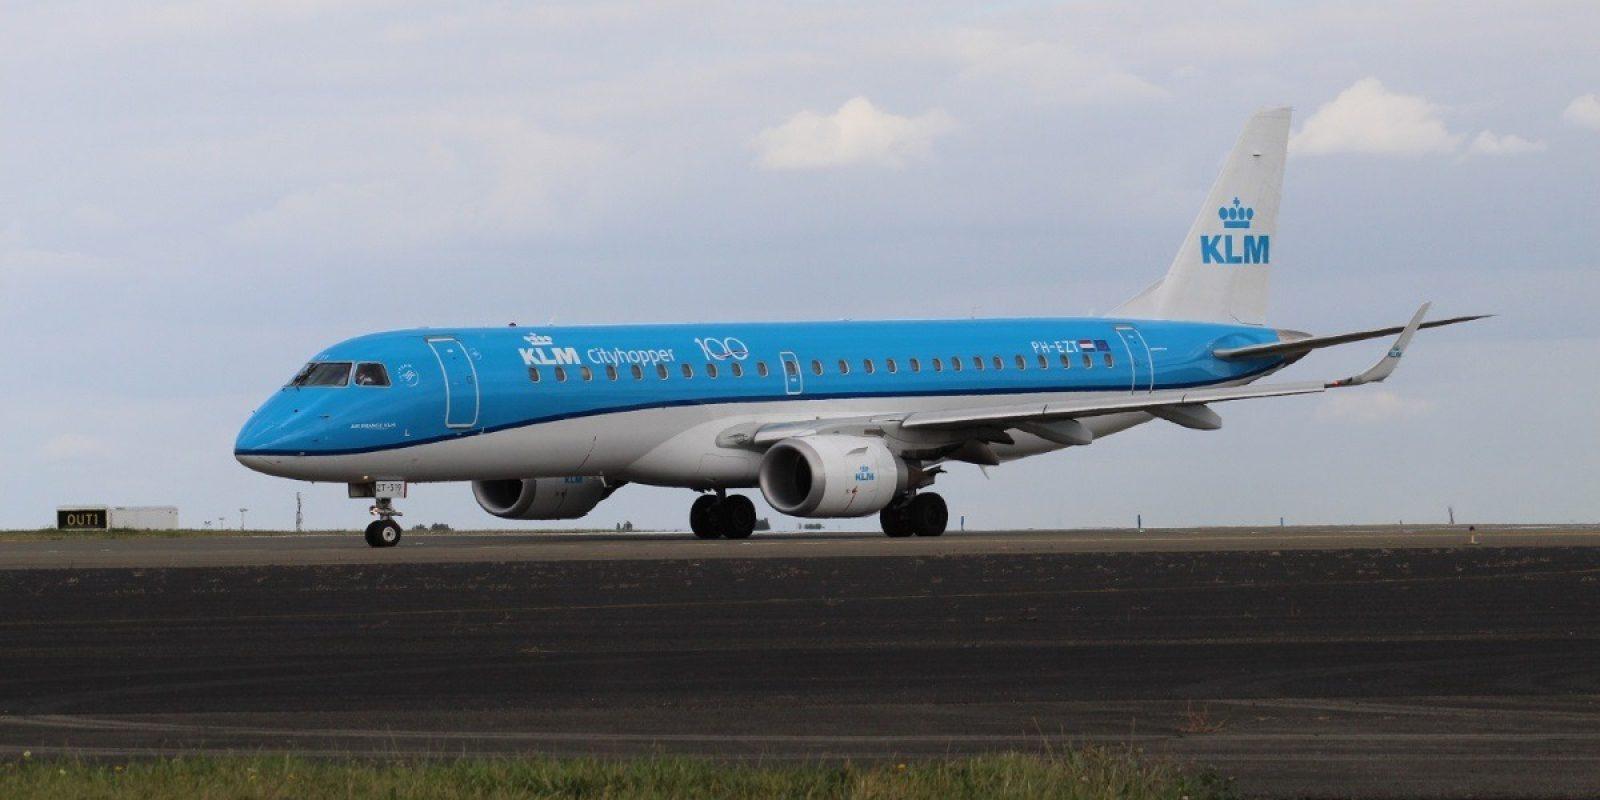 Embraer EMB 190STD PH-EZT van KLM Cityhopper, met eeuwfeestlogo op de romp, Brussels Airport 18 september 2019. Zowel de Embraer 175 als 190 worden nu ingezet op de routes tussen Schiphol en Brussels Airport. (Foto Guy Viselé)